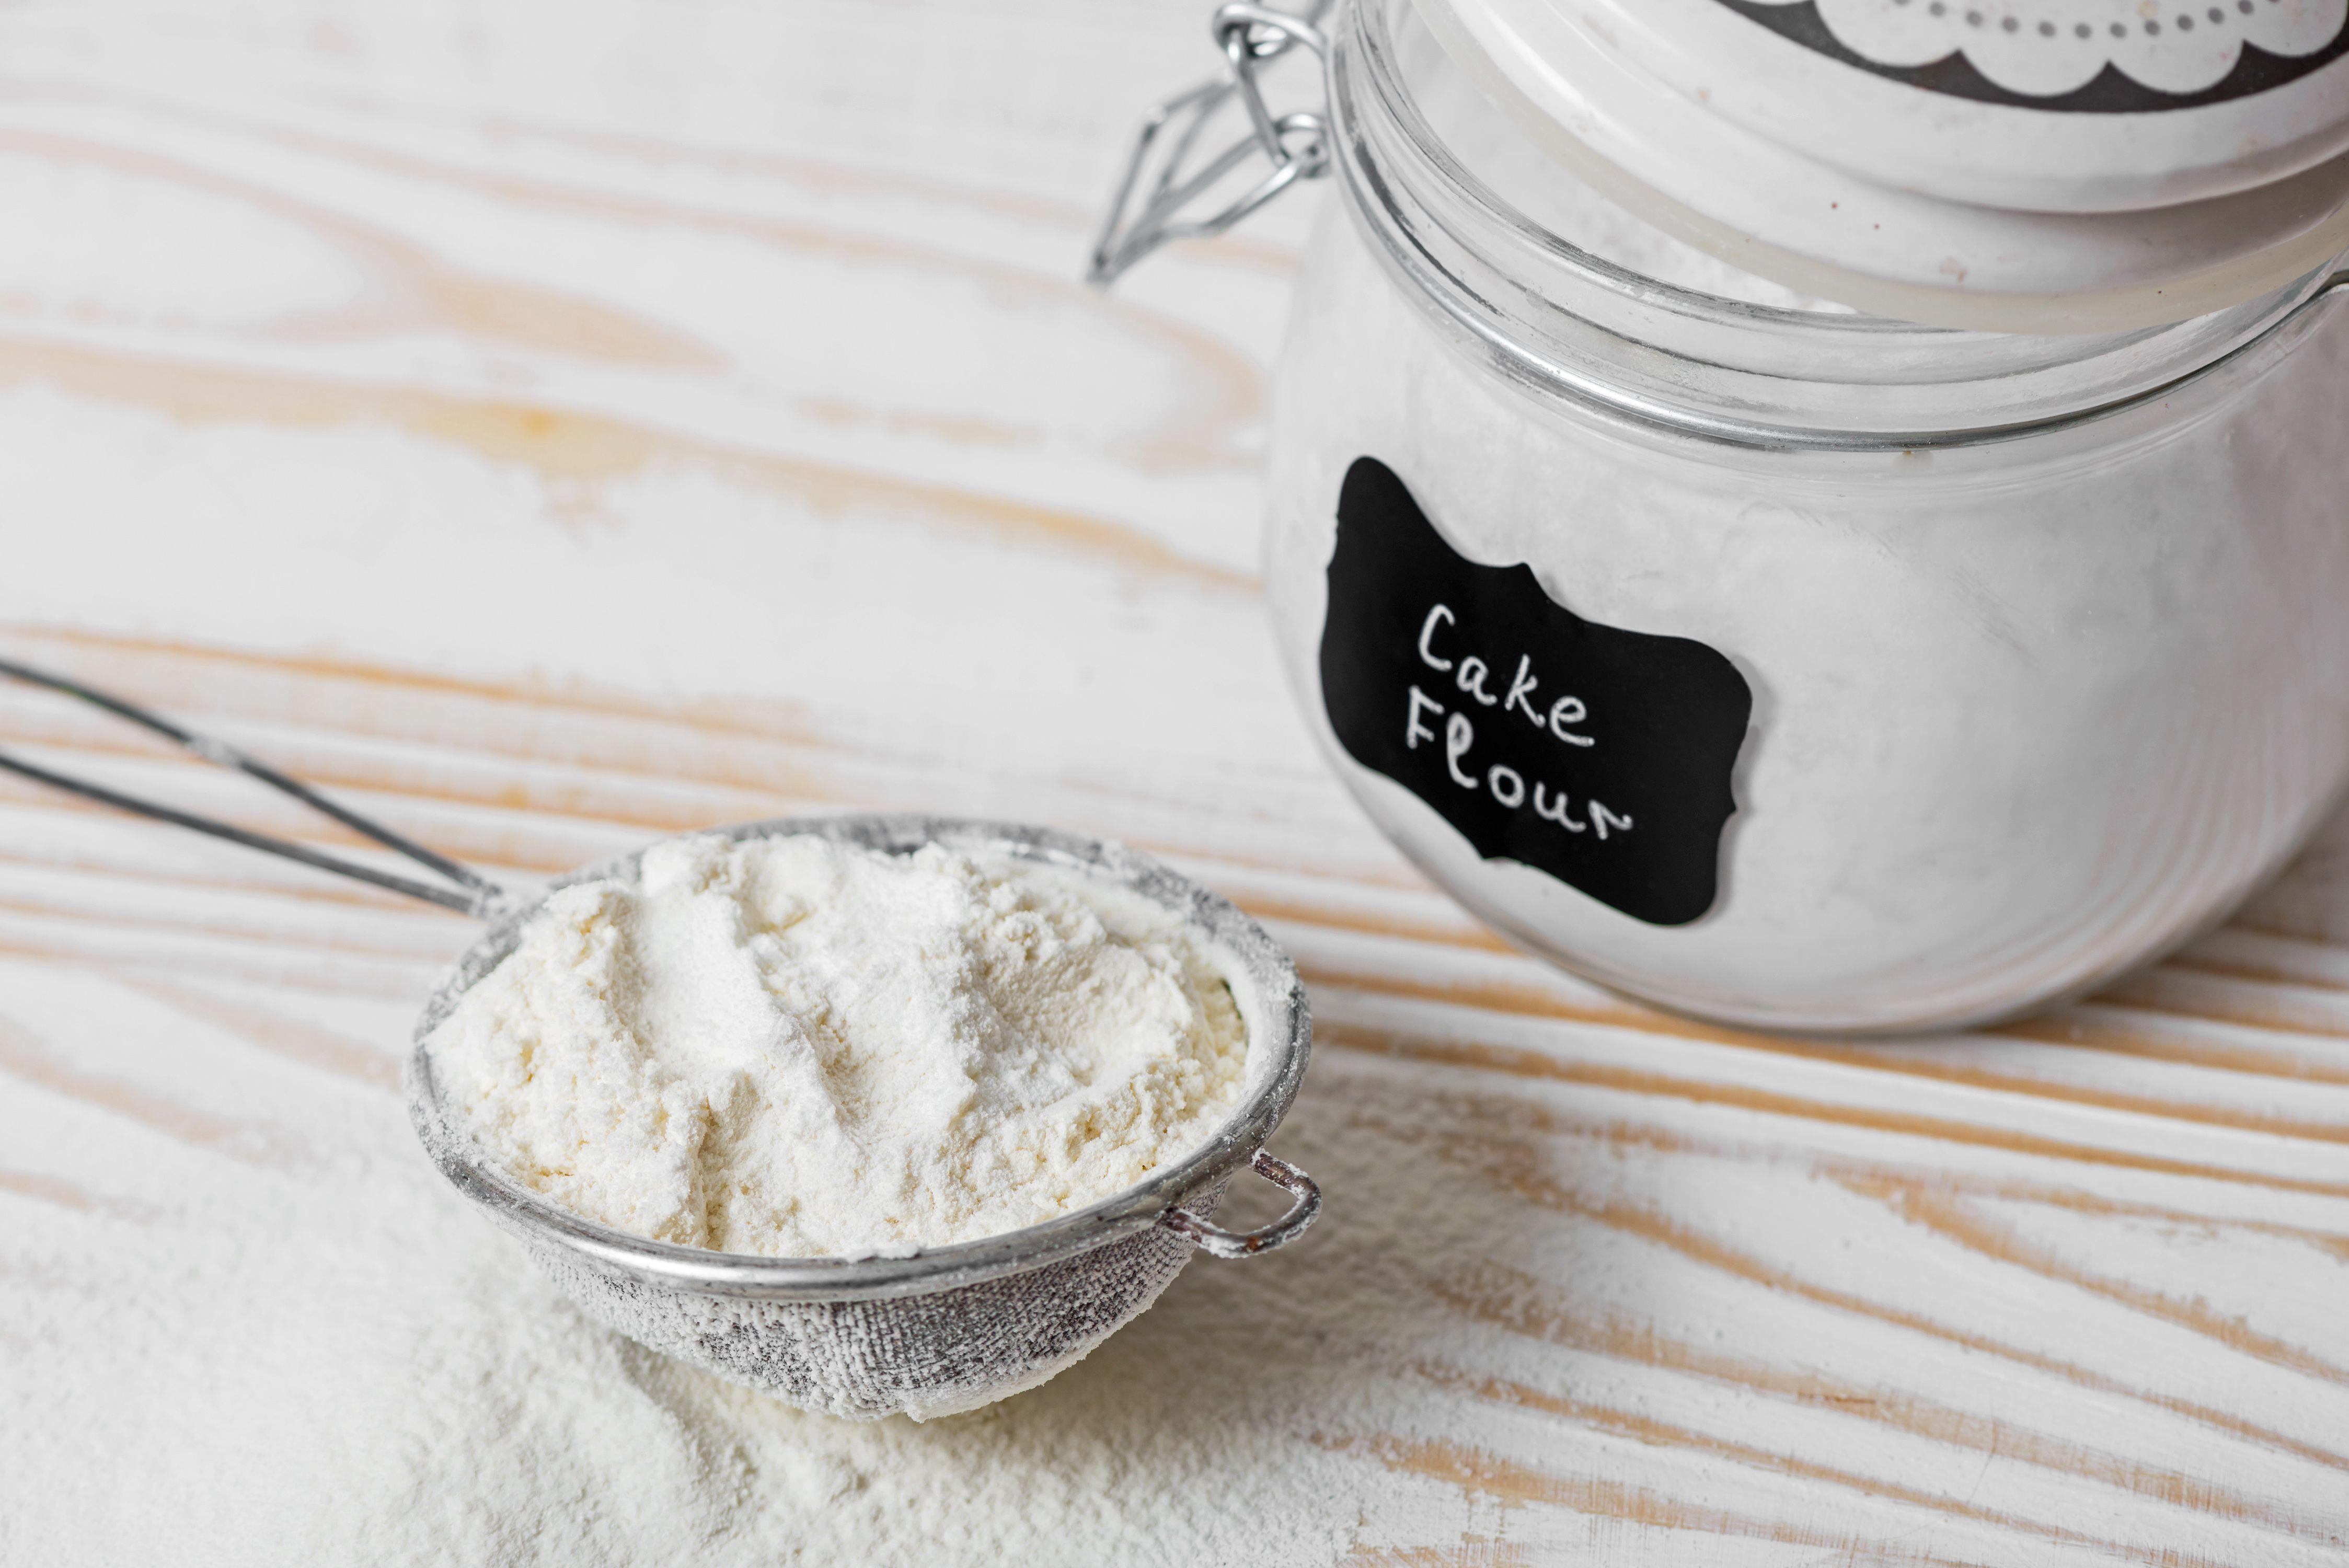 Mua nguyên liệu làm bánh mua nguyên liệu làm bánh Mua nguyên liệu làm bánh cần những gì mua nguyen lieu lam banh 01